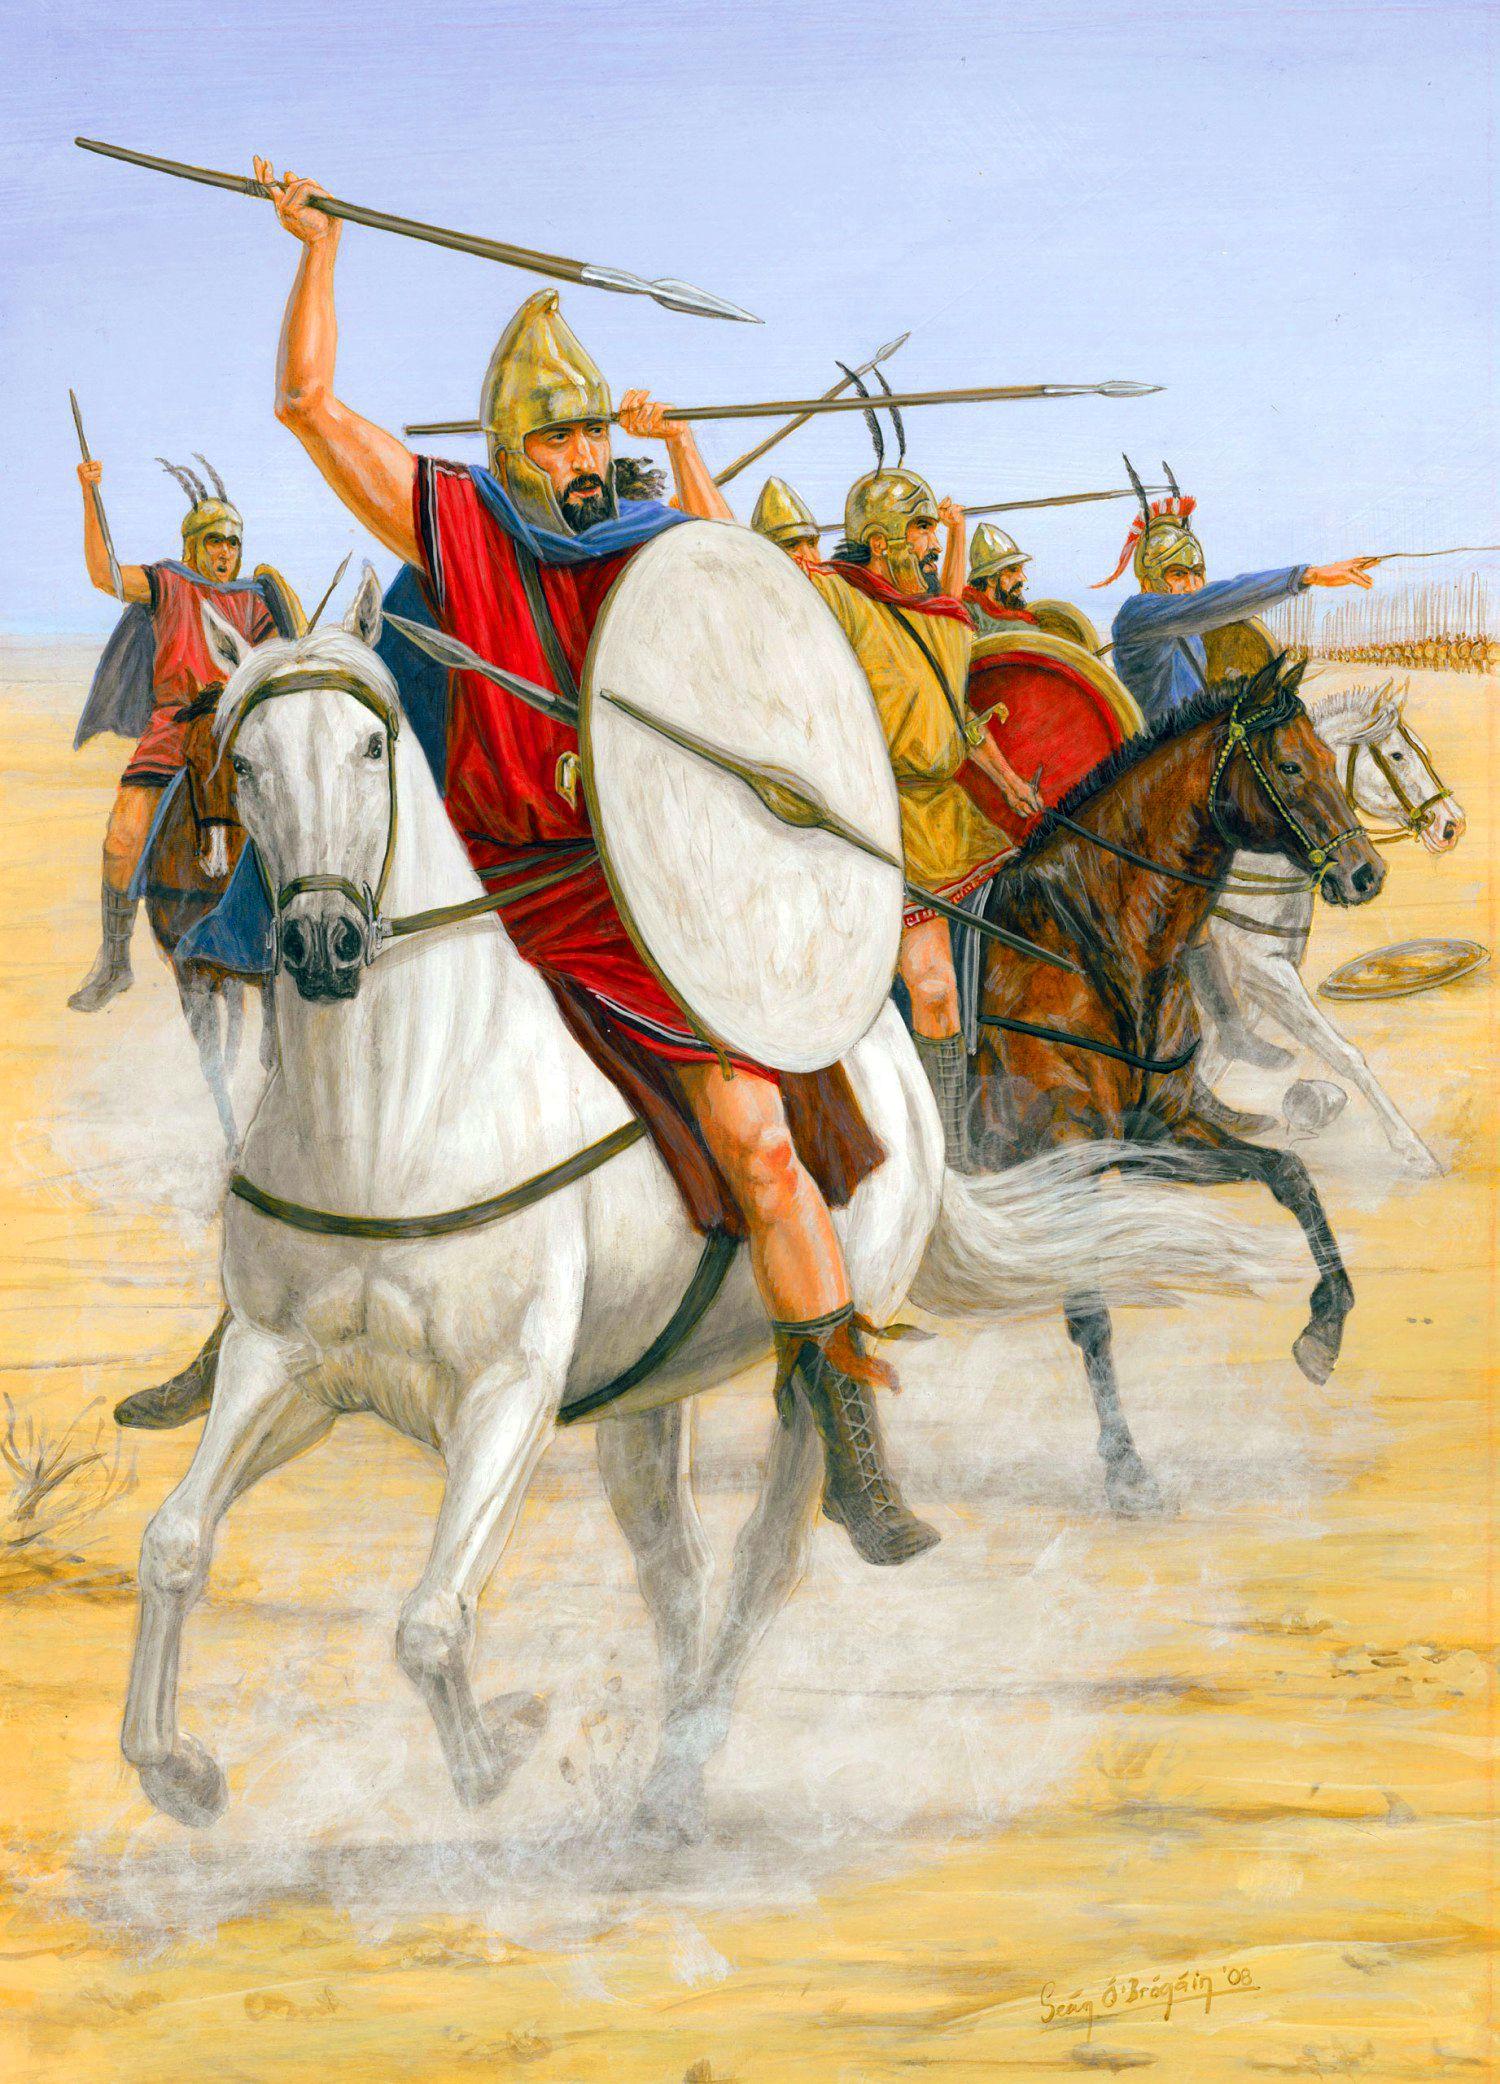 Tarentine horseman of Magna Graecia, 430-190 BC